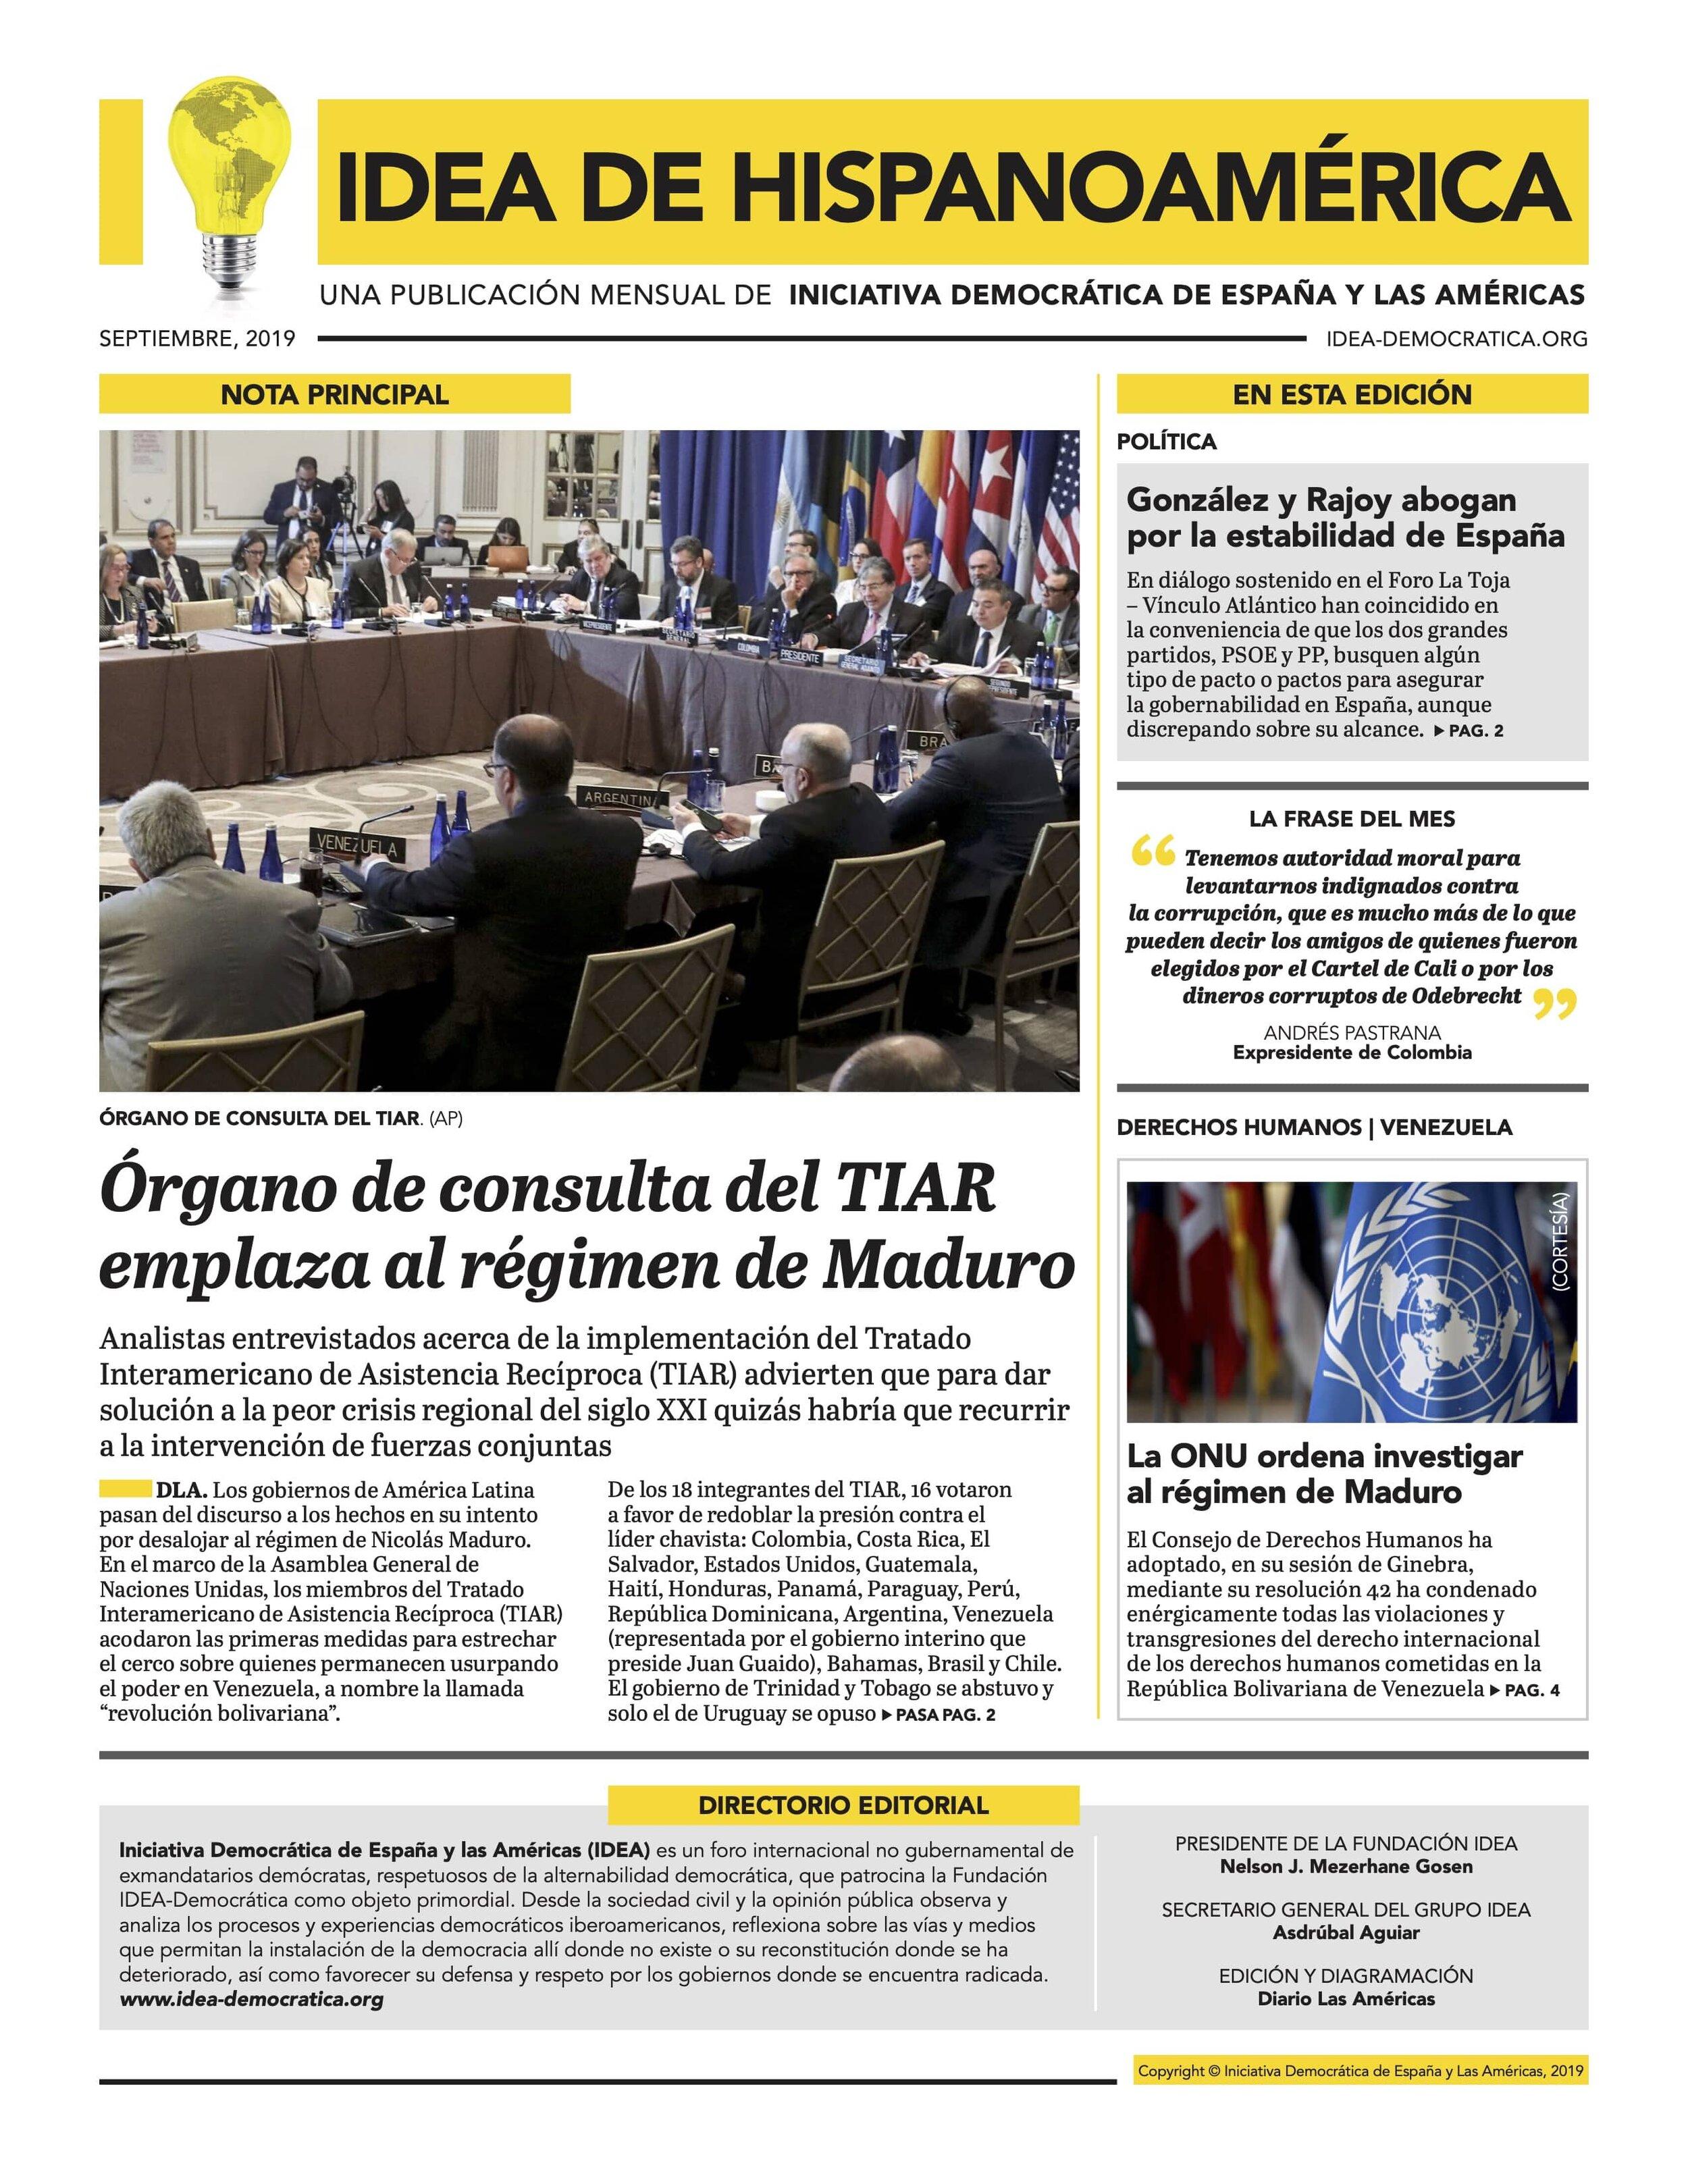 - Analistas entrevistados acerca de la implementación del Tratado Interamericano de Asistencia Recíproca (TIAR) advierten que para dar solución a la peor crisis regional del siglo XXI quizás habría que recurrir a la intervención de fuerzas conjuntas